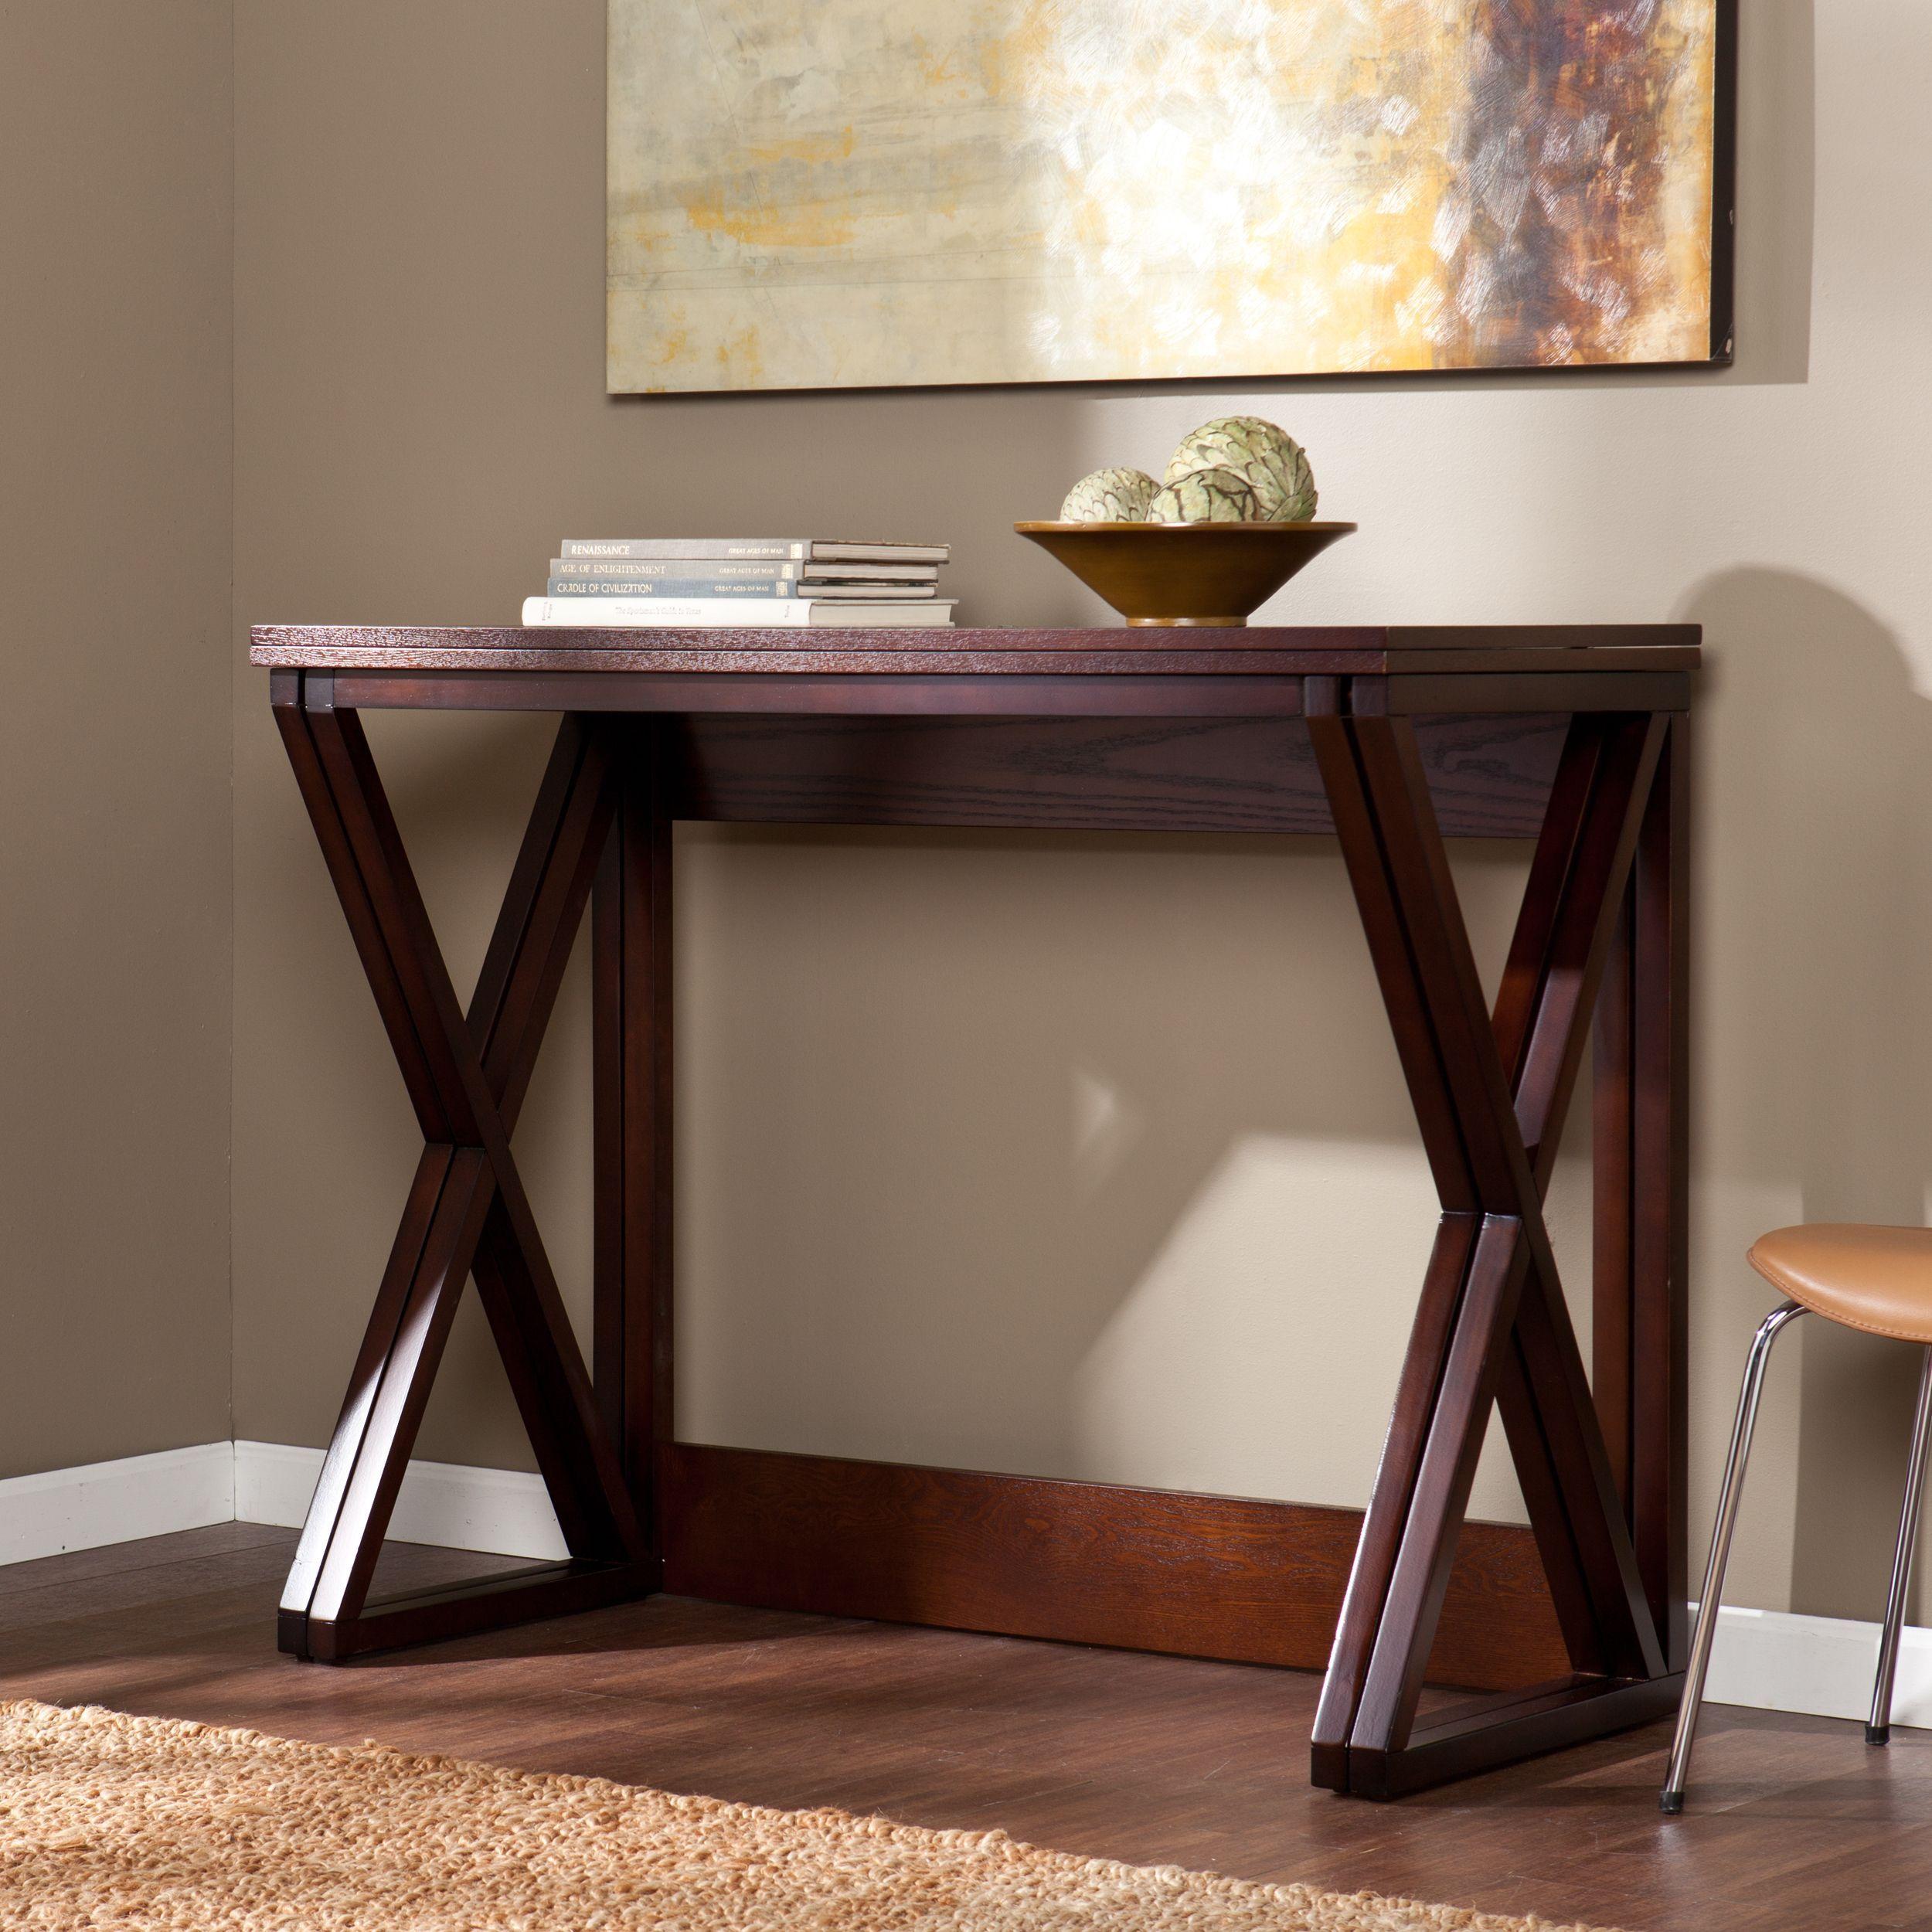 Harper Blvd Garner Espresso Counter Height Universal Table